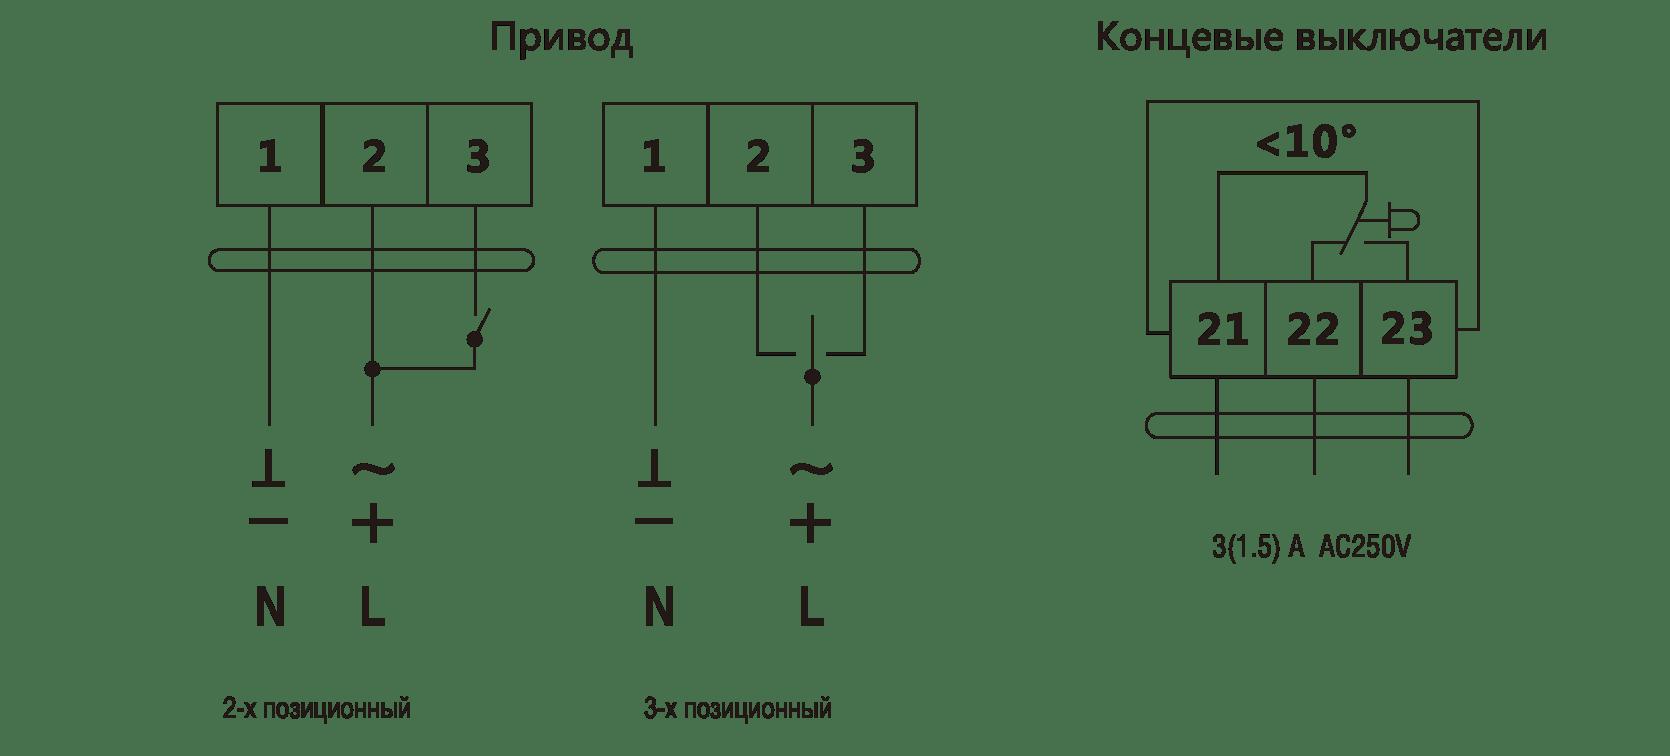 схема подключения da2mu24-d